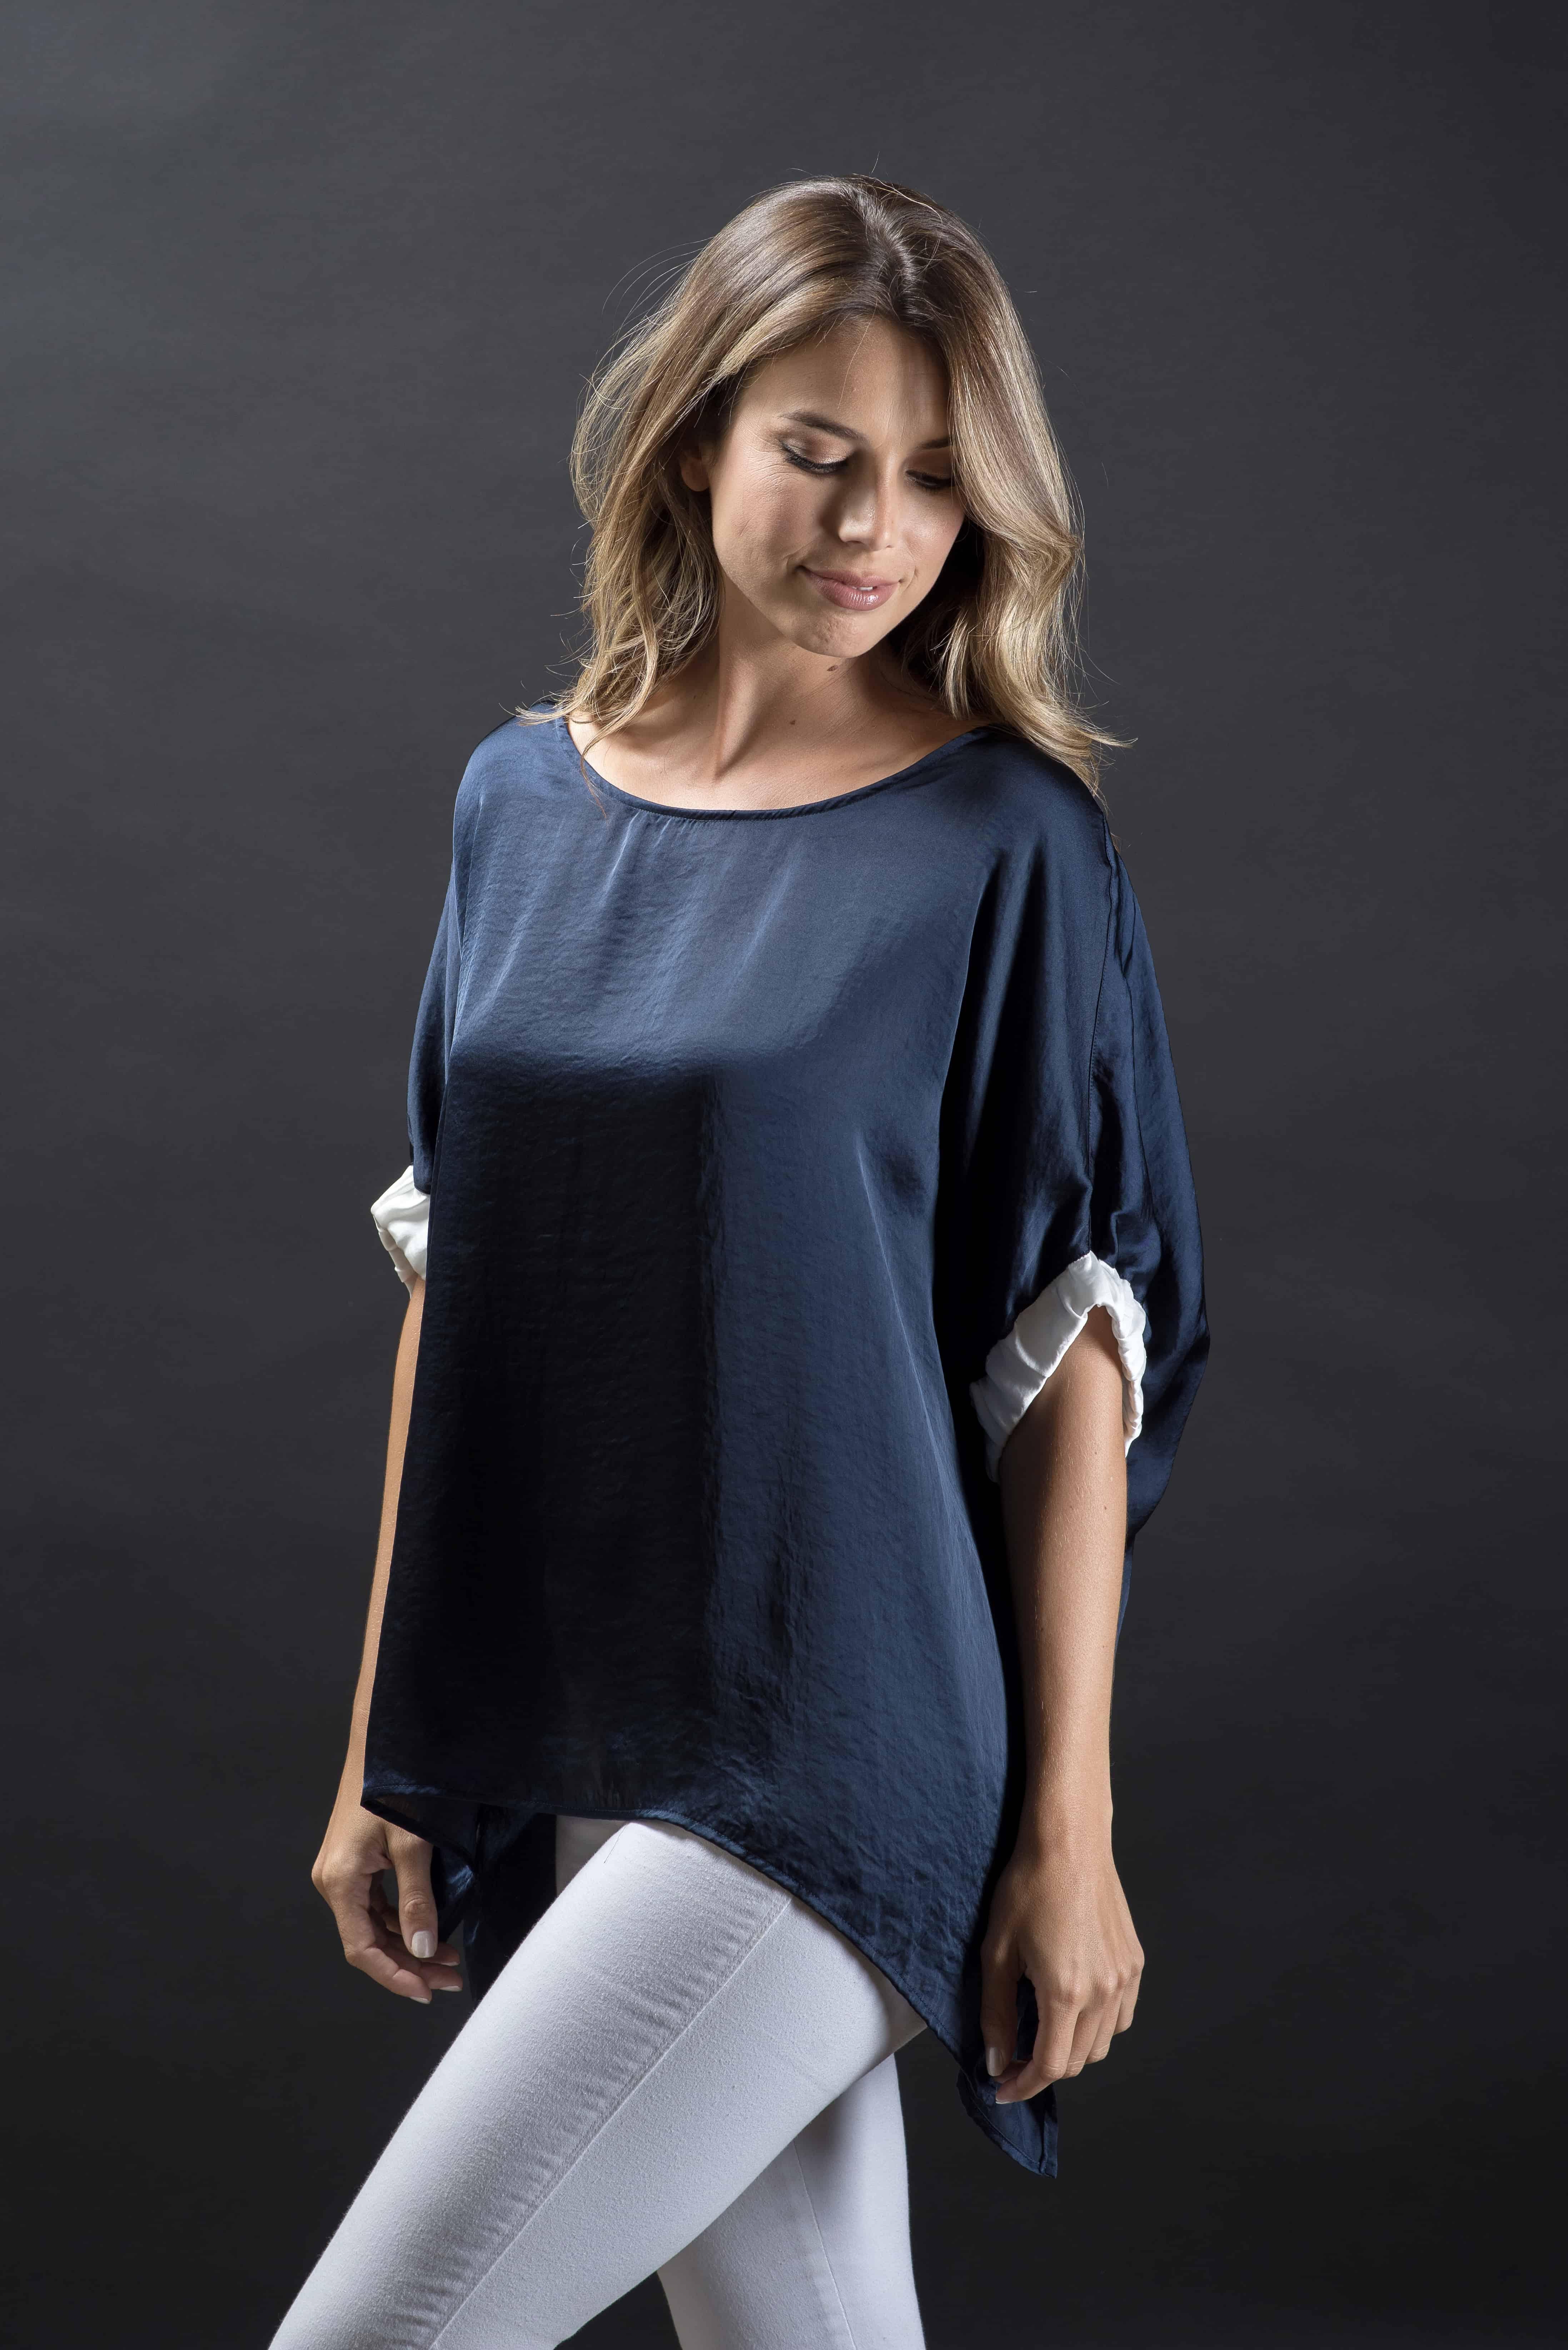 e753384fb35cbf Tutu & Lilli Clothing | Arbors Dealers